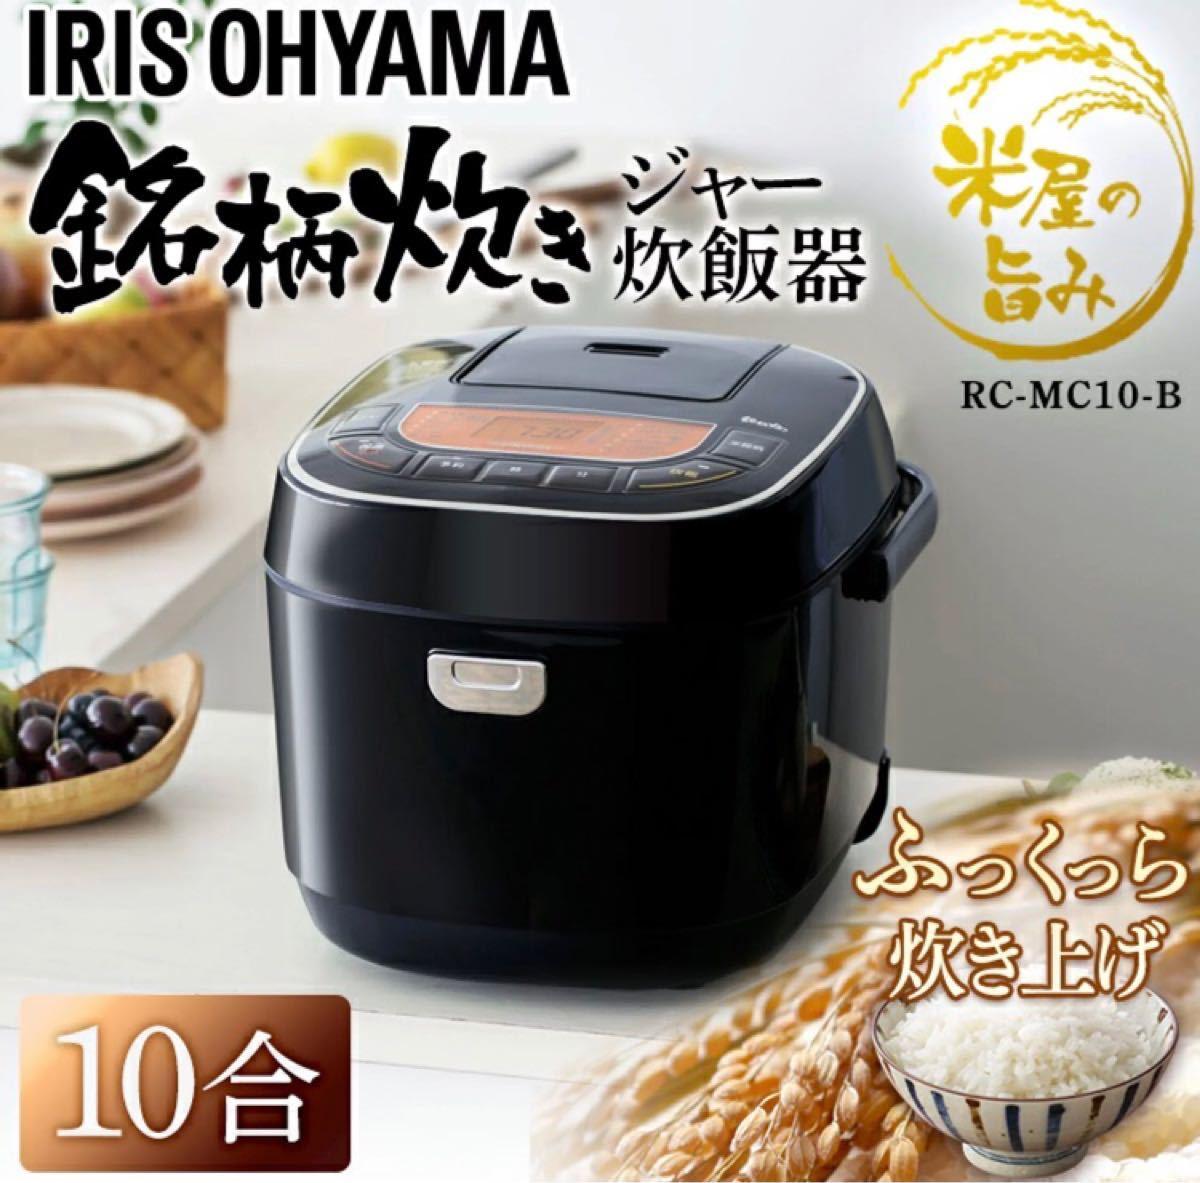 炊飯器【アイリスオーヤマ】【新品未開封】